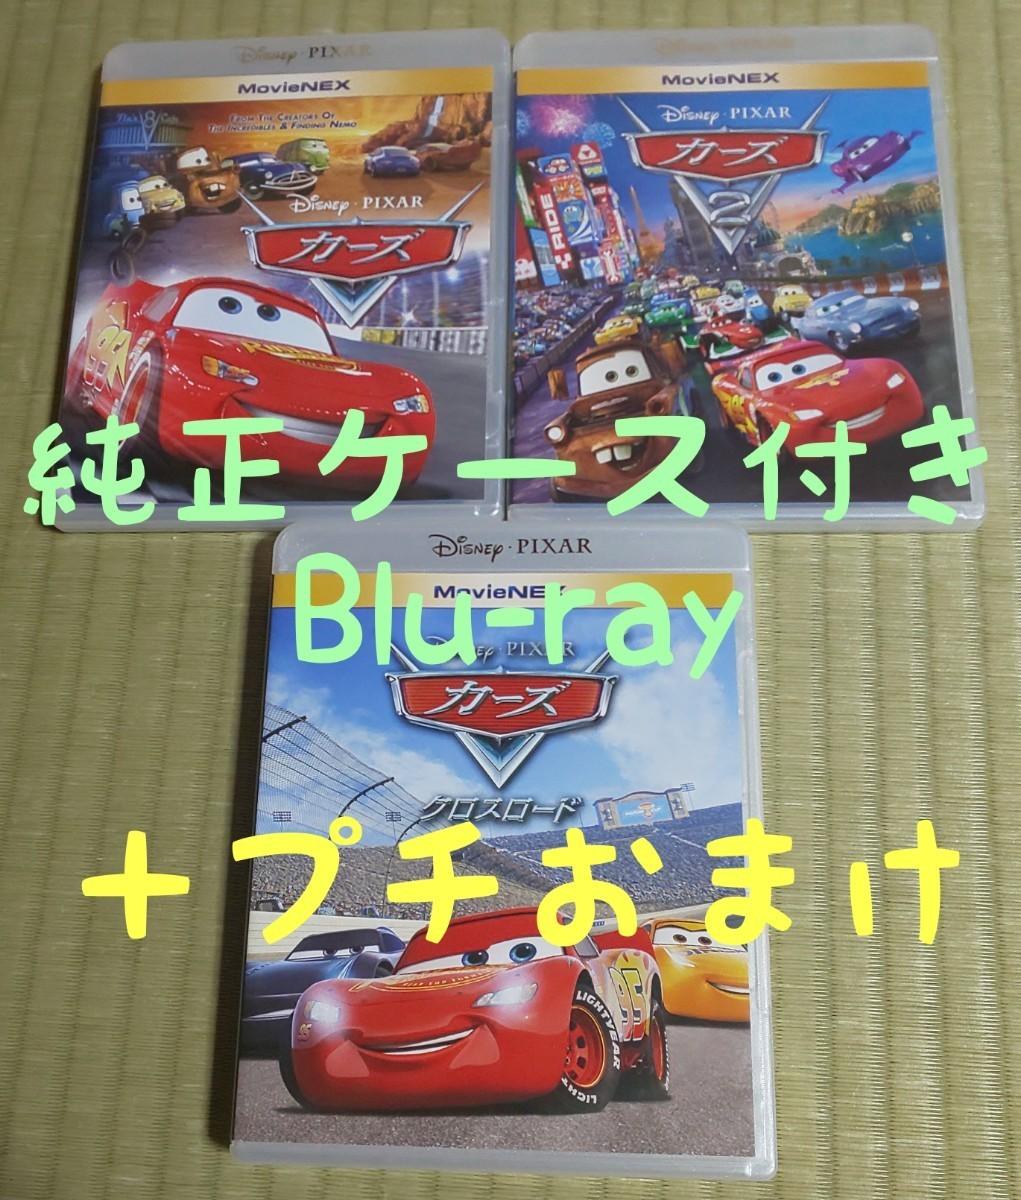 カーズ カーズ2 カーズクロスロード Blu-ray ブルーレイ セット ディズニー MovieNEX ピクサー Pixar